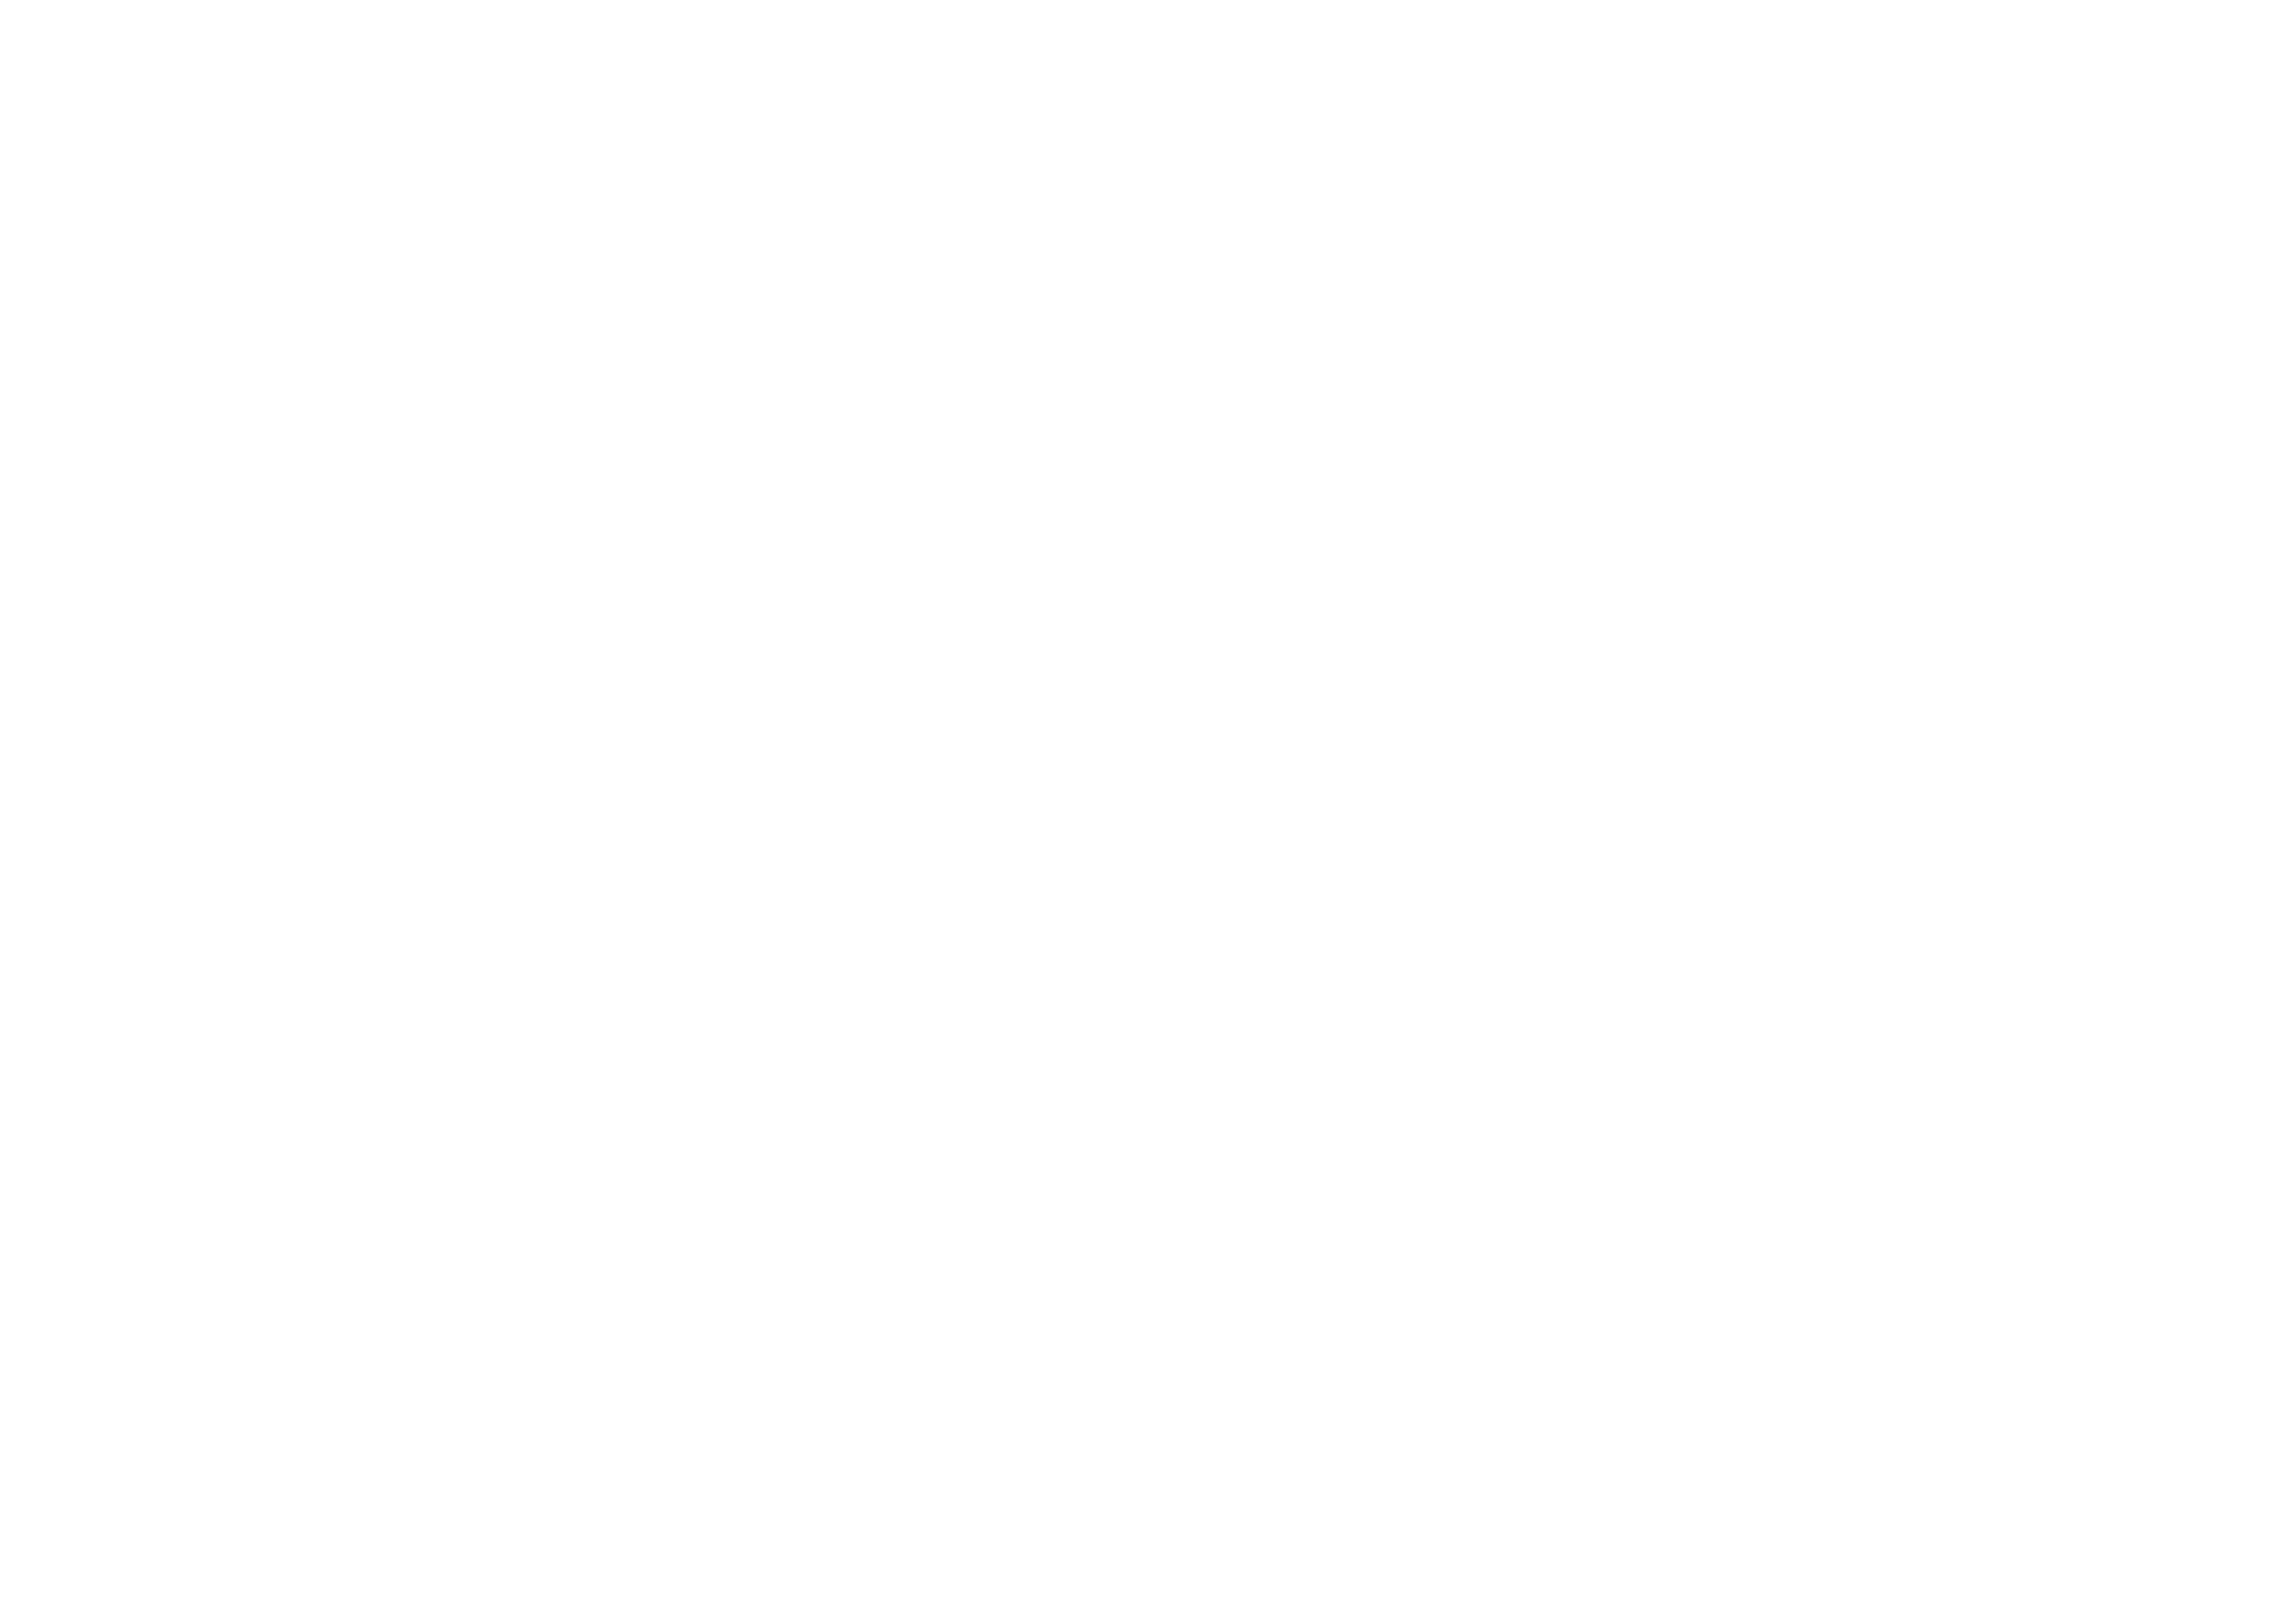 New AustAsia Group